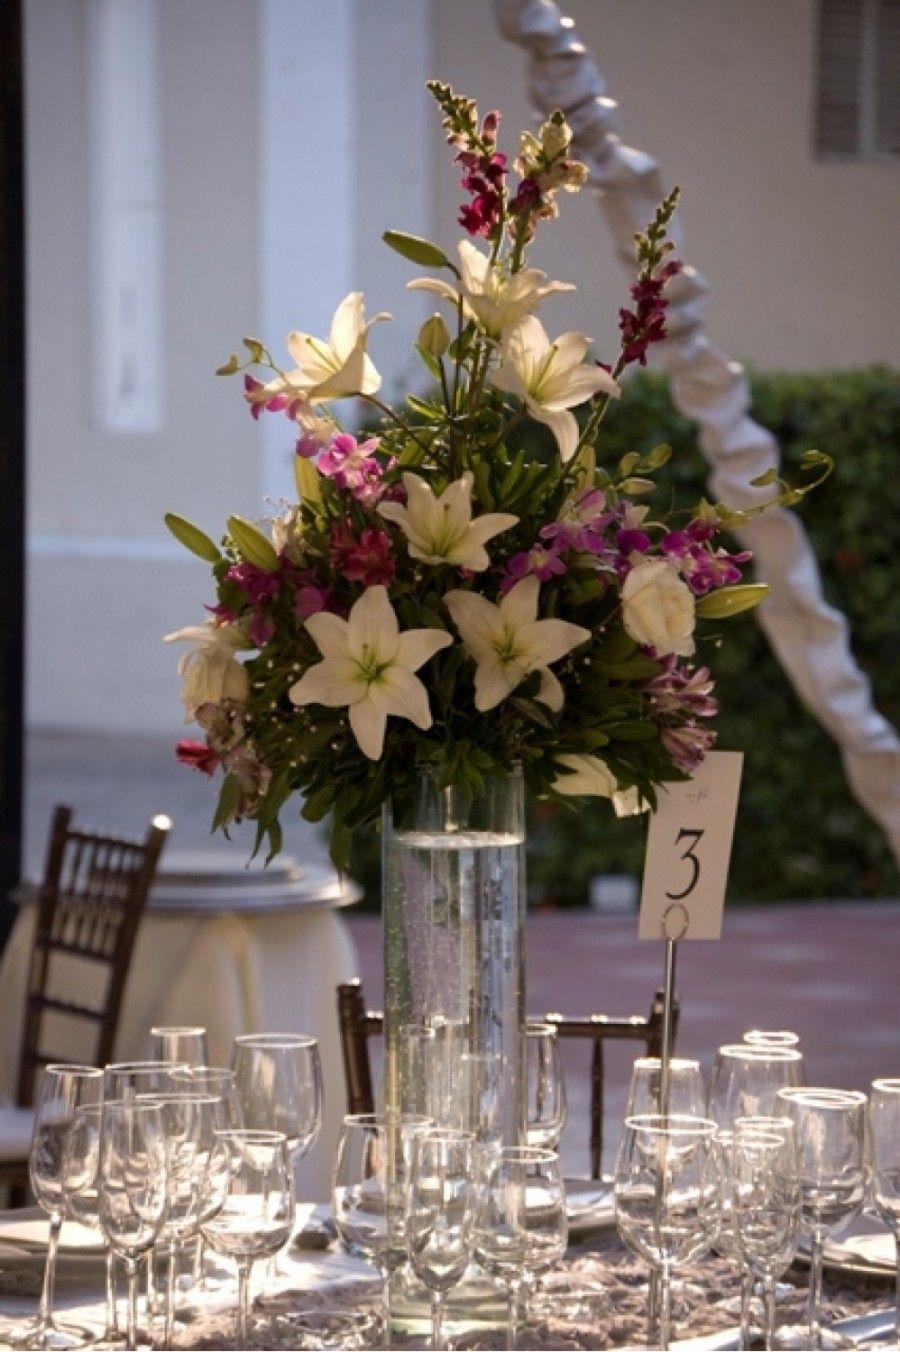 Altos y elegantesaltos y elegantes lucen estos centros de mesa elaborados con lilis blancas y - Centros de mesa para boda economicos y elegantes ...